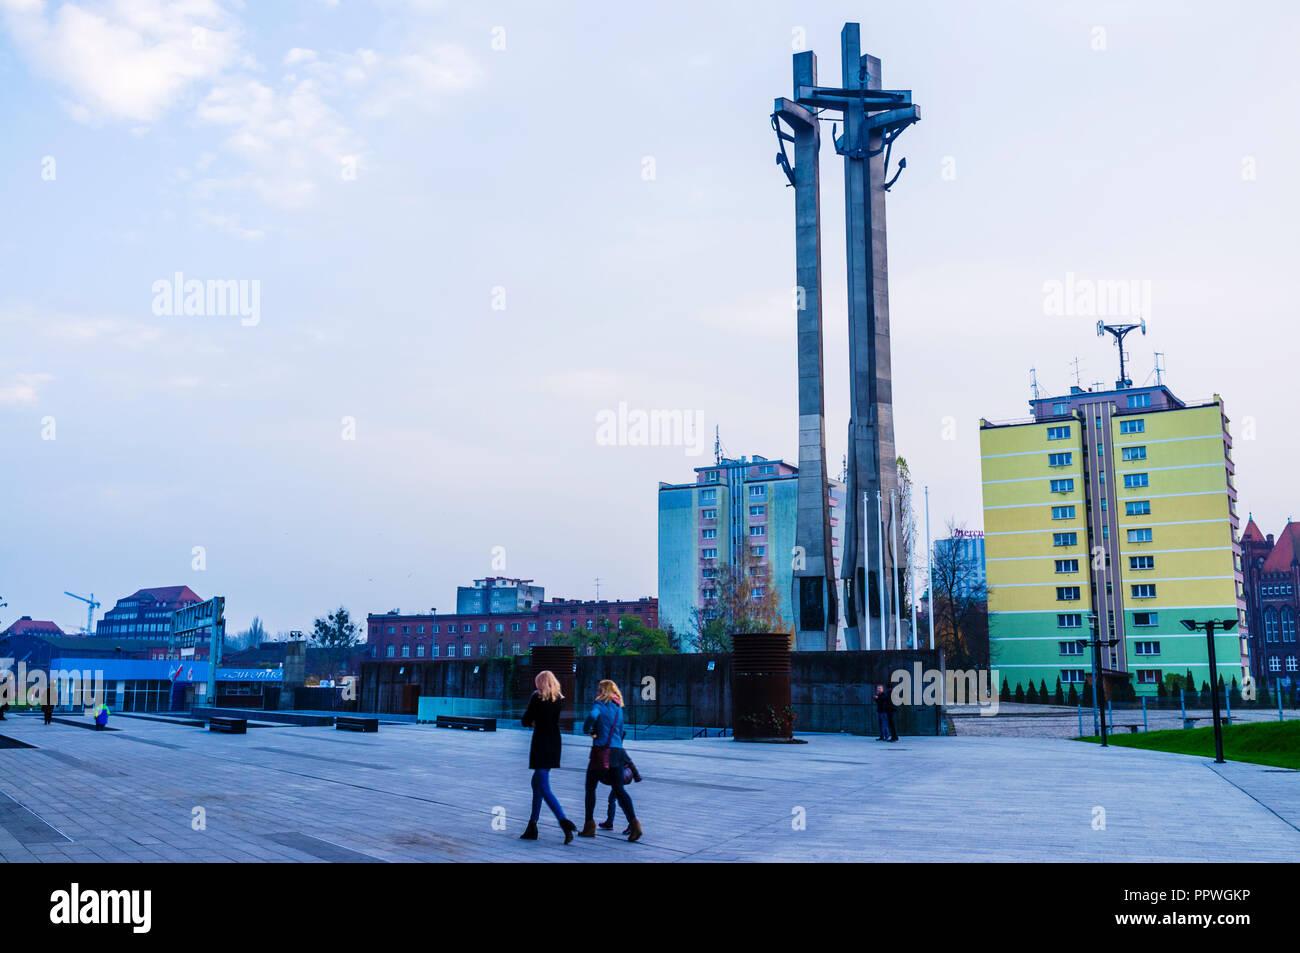 Gdansk, Pomerania, Polonia : due donne a piedi passato il Monumento ai Caduti i lavoratori del cantiere di 1970 alla solidarietà quadrato (Plac Solidarności) progettato Immagini Stock